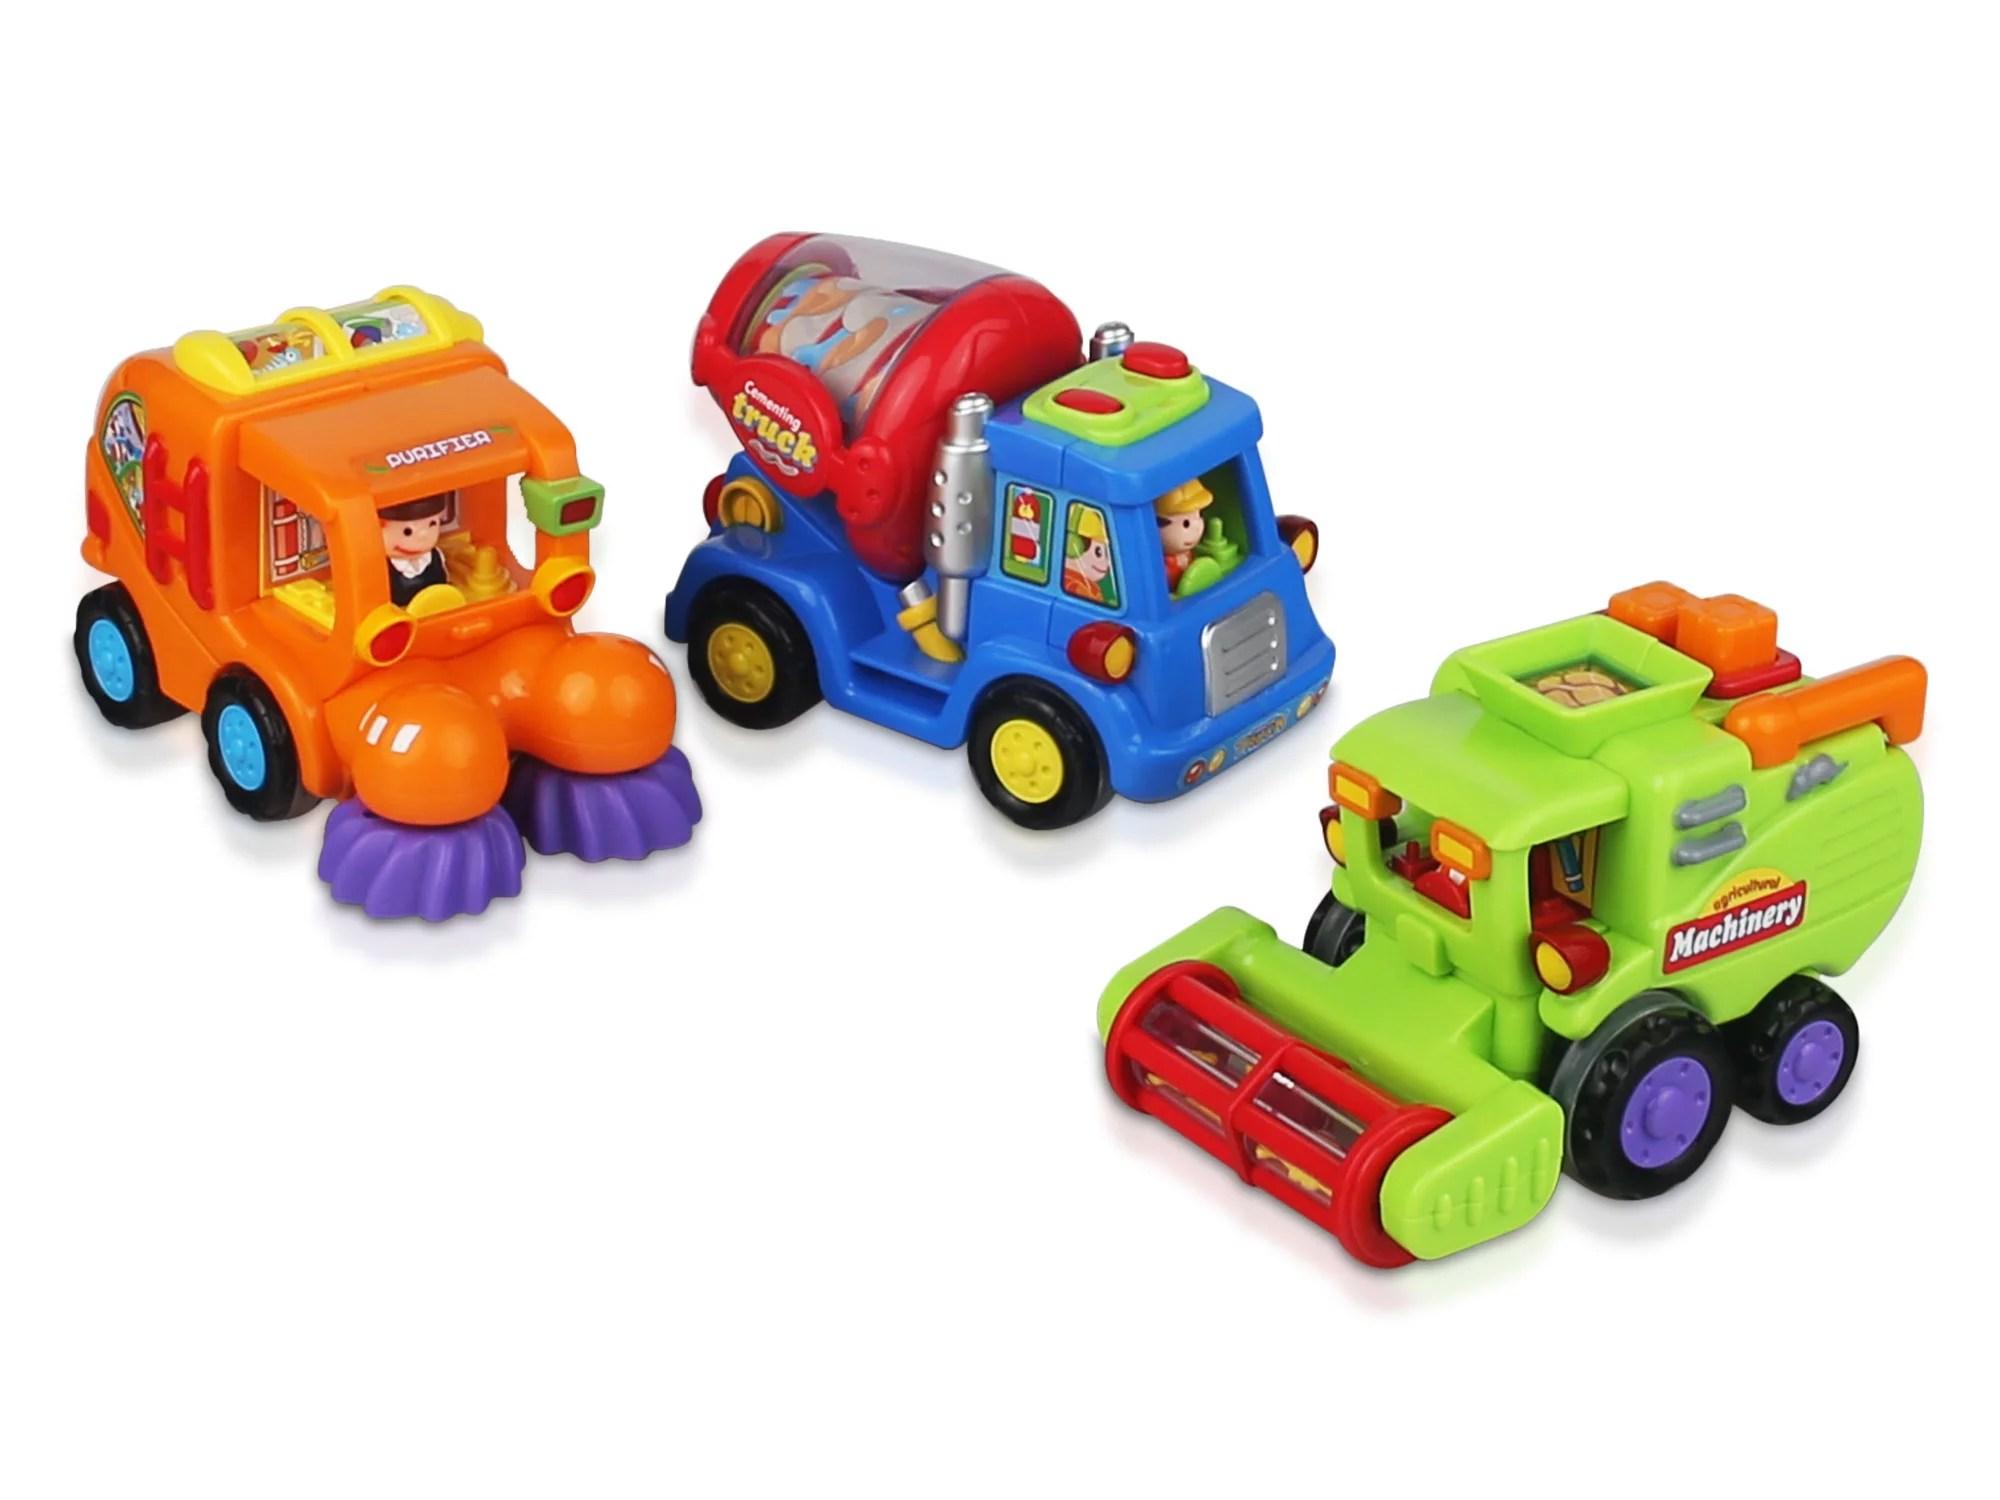 Ciftoys Friction Powered Push And Go Car Toys For Boys